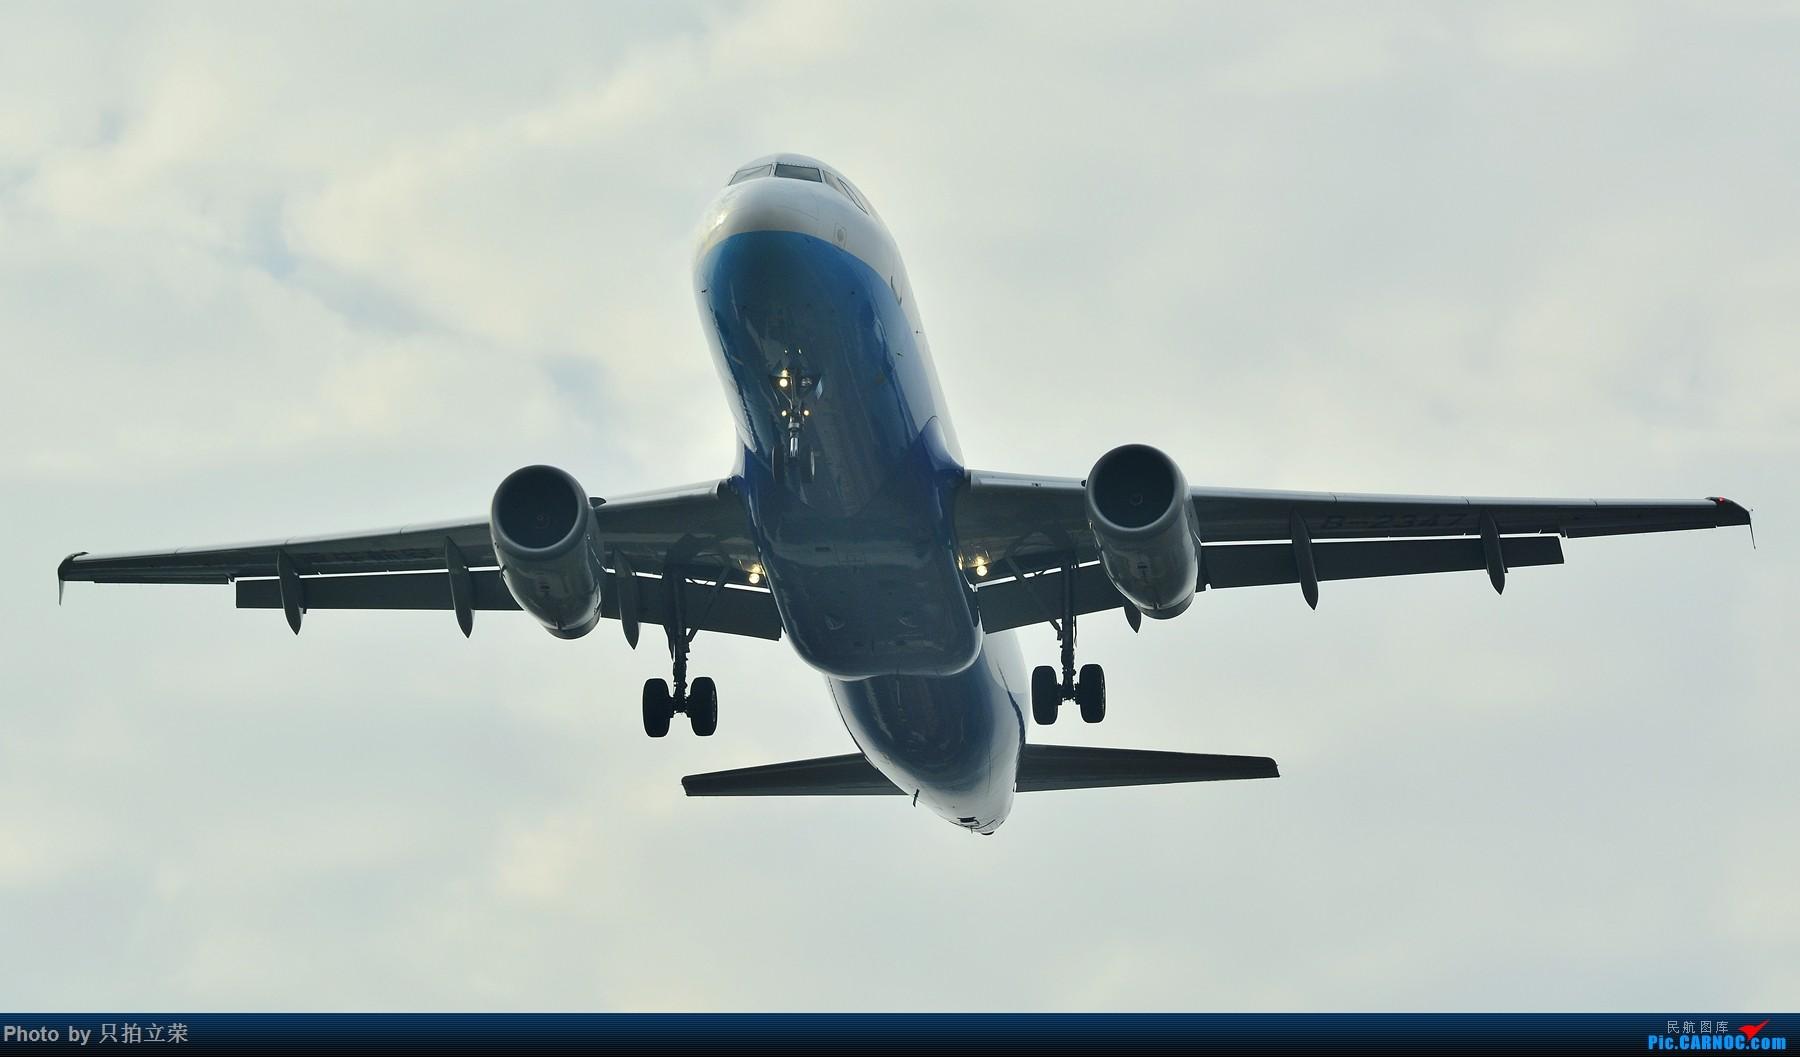 Re:[原创]长沙飞友会之--很久没拍机了,只拍立荣重回黄花! AIRBUS A320-200 B-2347 中国长沙黄花国际机场